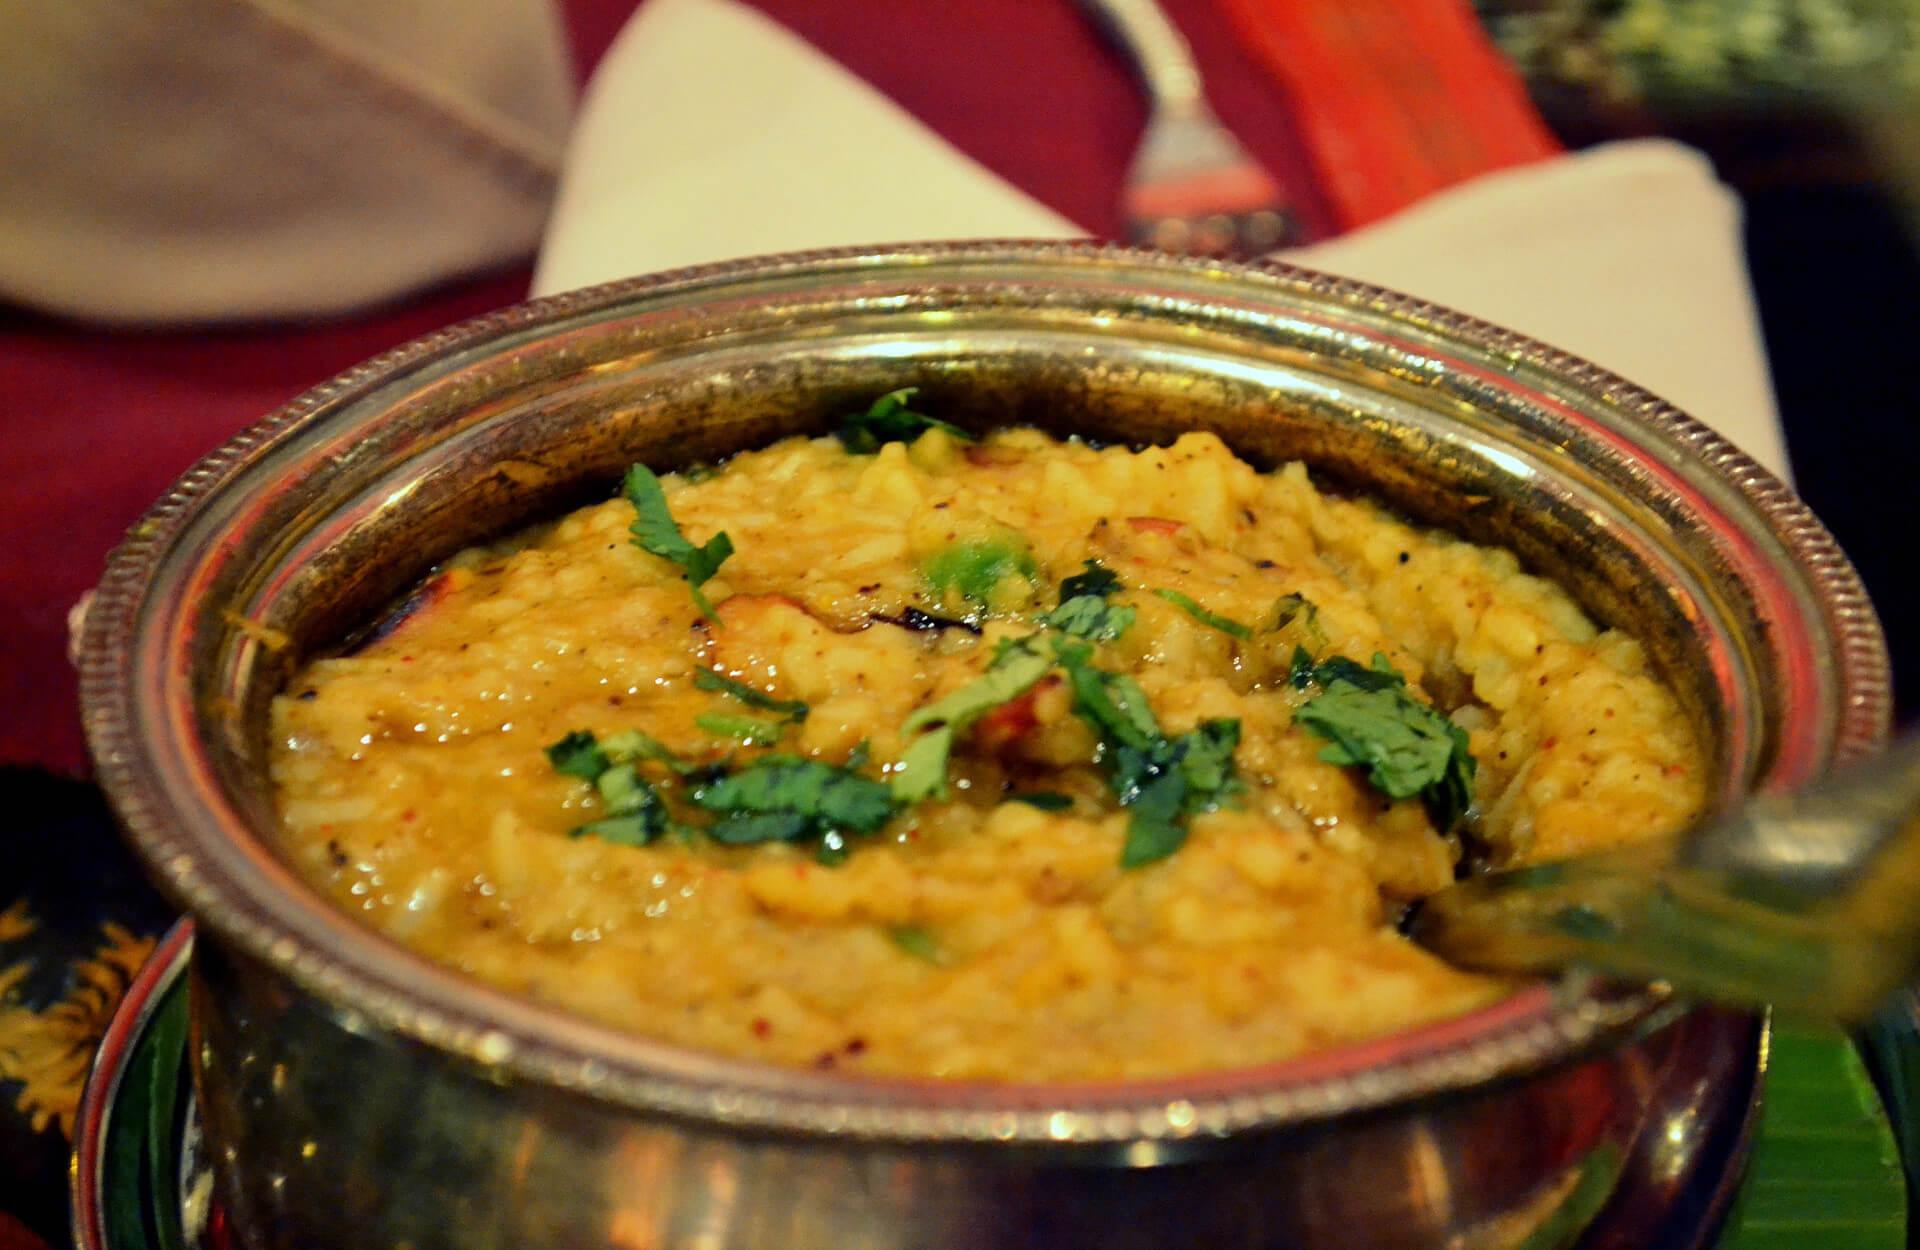 Unser Kitchari Rezept ist alltagstauglich und gut bekömmlich - eine klassisch ayurvedische Speise.